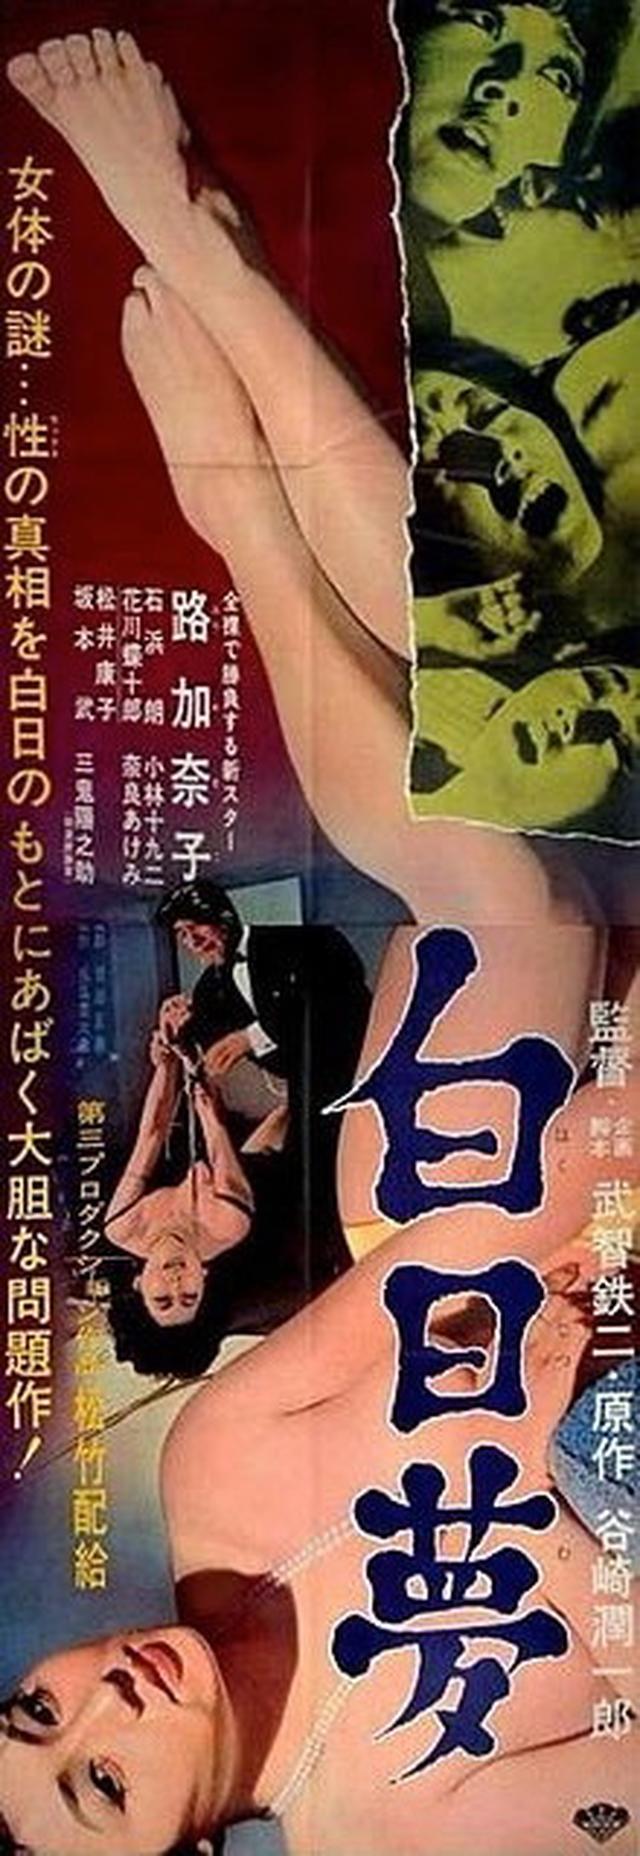 画像: 白日夢(1964年) 武智鉄二監督